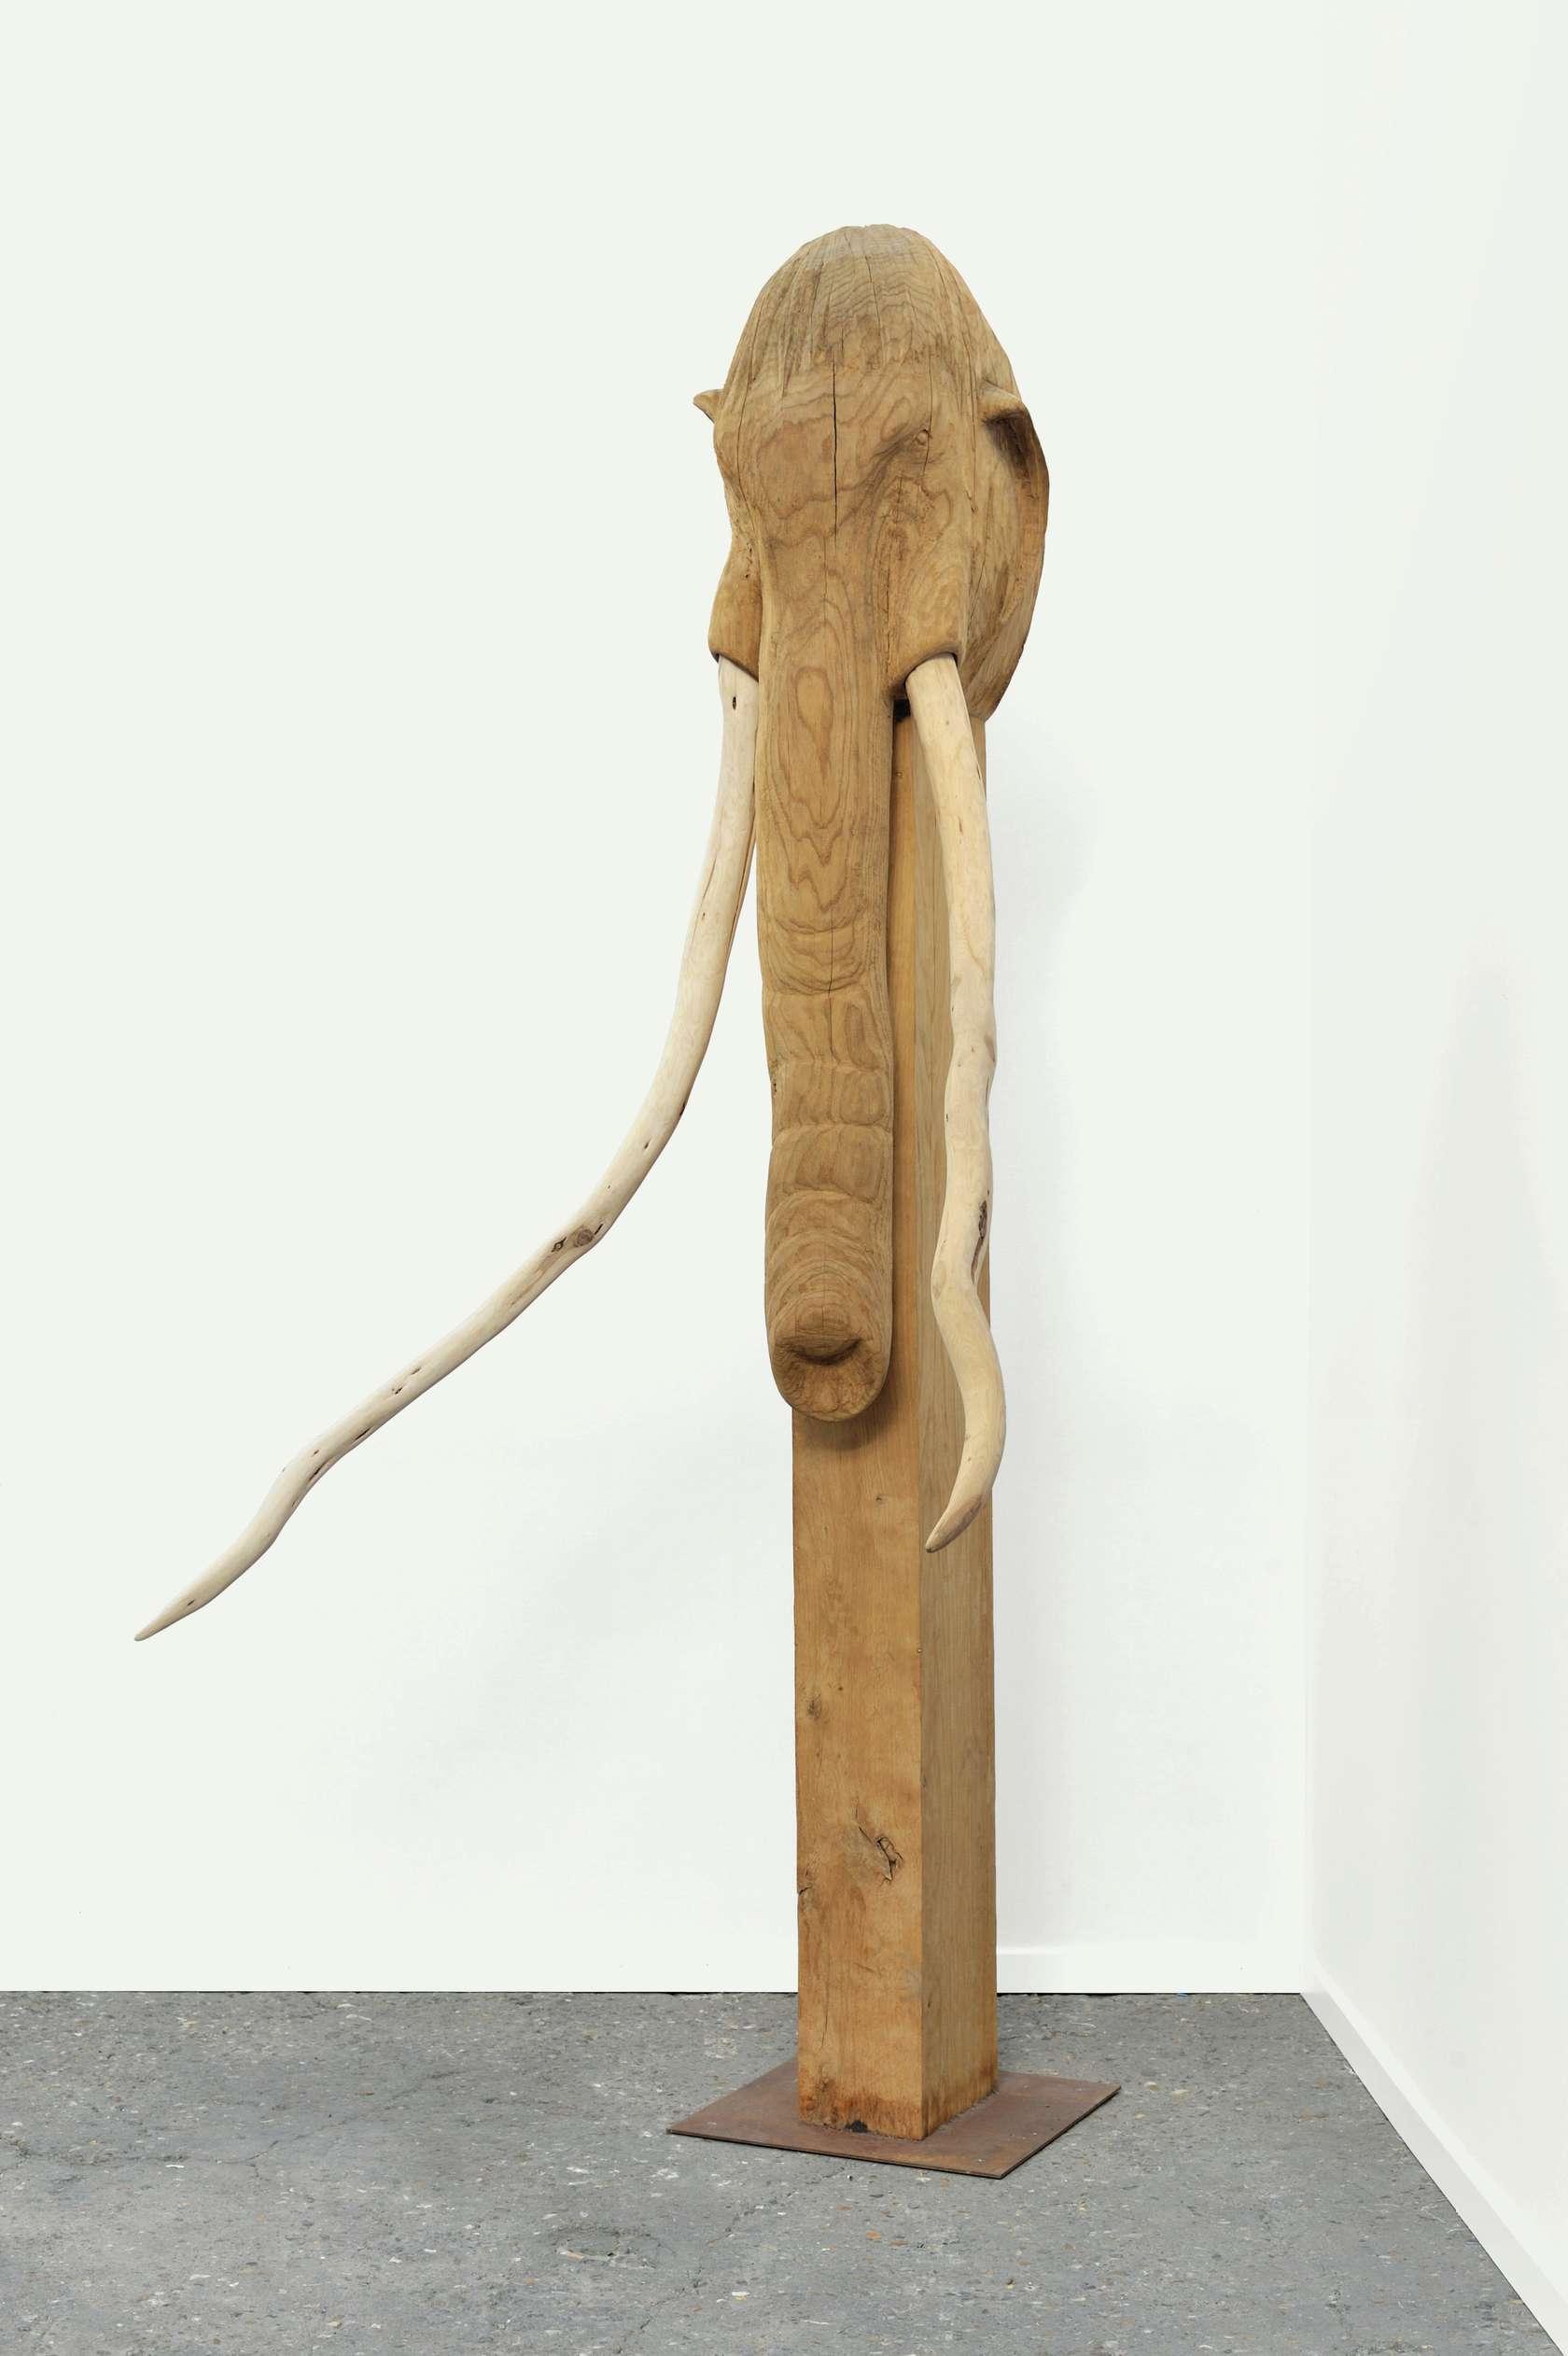 Laurent Le Deunff, Mammouth, 2009 Bois de chêne et bois de cade265 × 165 × 116 cm / 104 3/8 × 65  × 45 5/8 in.